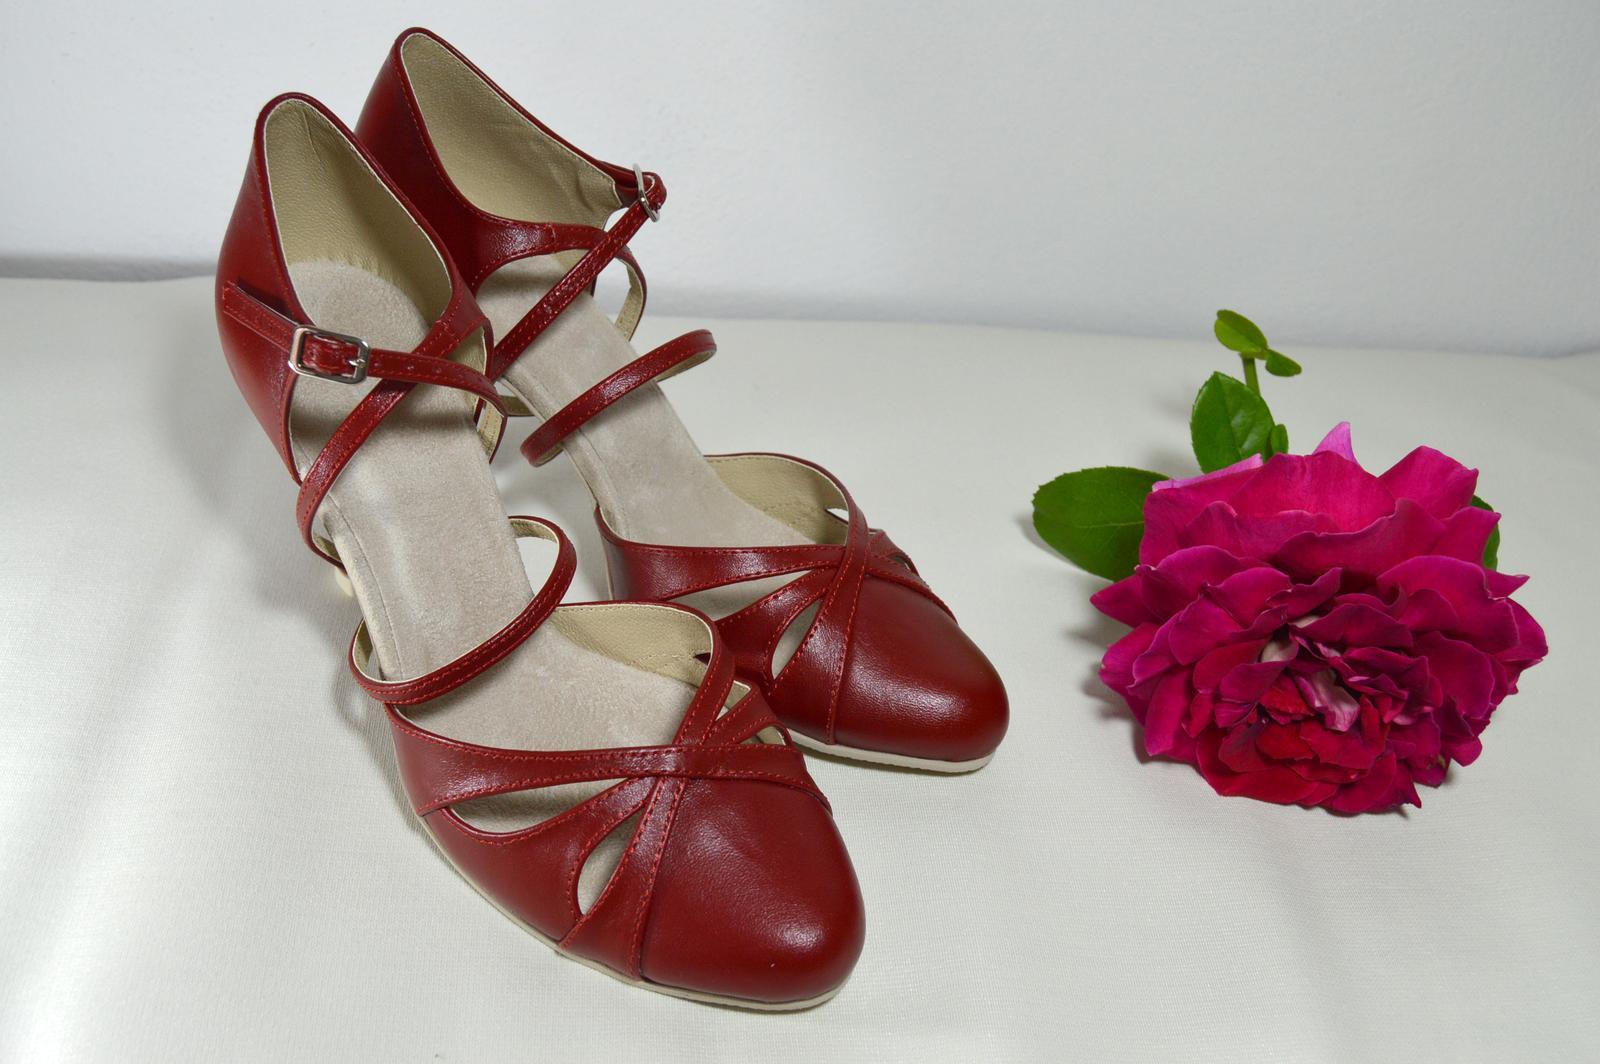 Svadobné topánky s úpravou na želanie - inšpirácie bordó, hnědá, čokoládová - Svadobné topánky bordó pravá koža model Natalie - úpravy (paty, materiál, farby, opatky, ...) podľa želania klientky